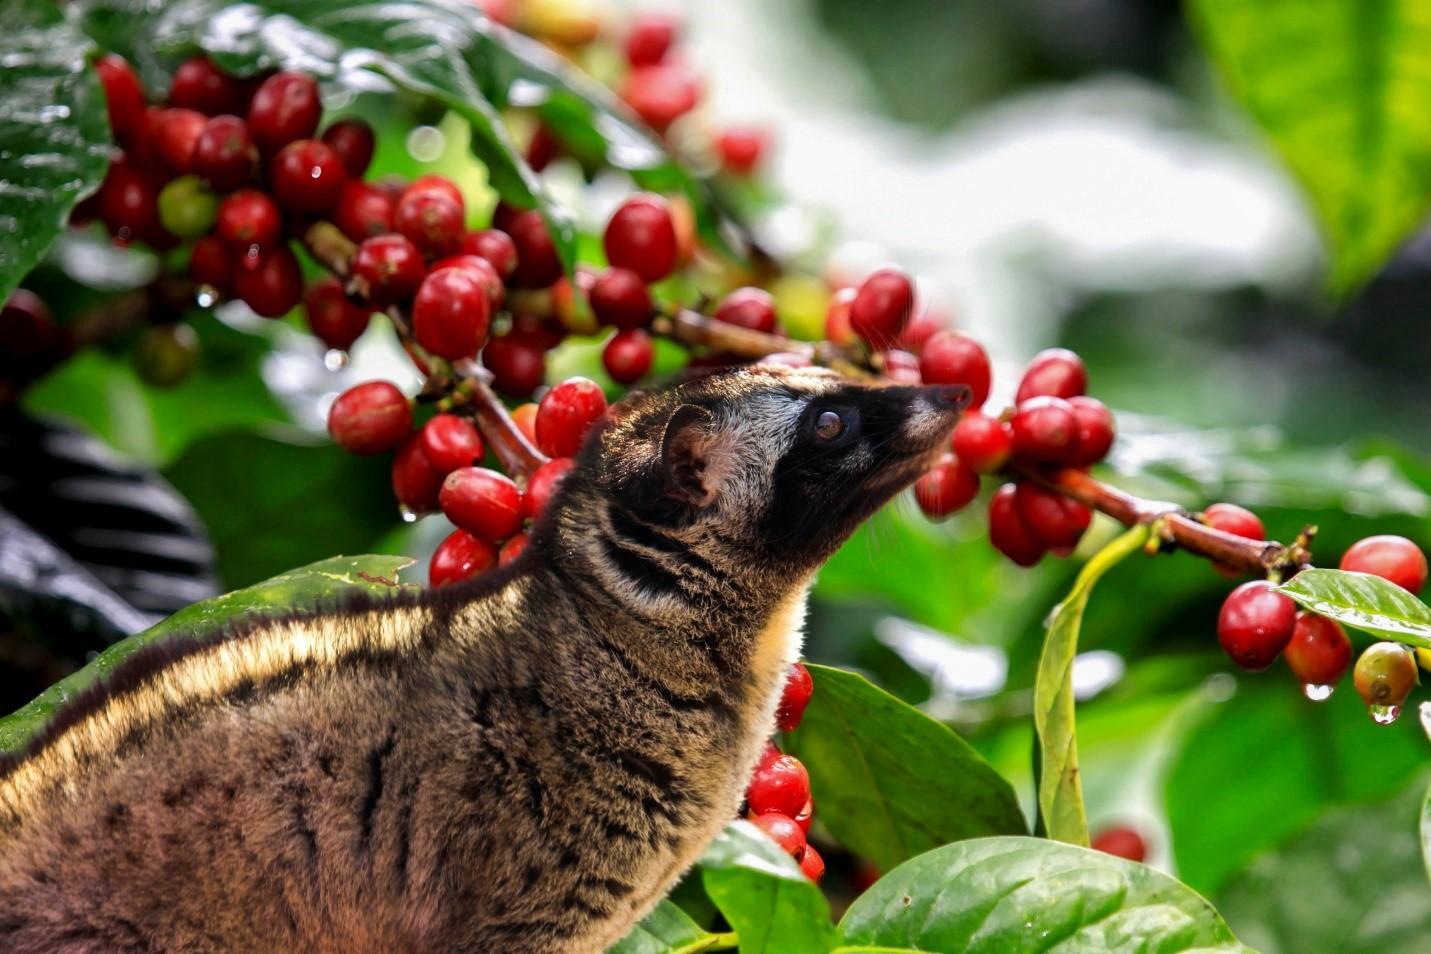 Cà phê chồn ở Việt Nam rất thơm ngon, đặc biệt.